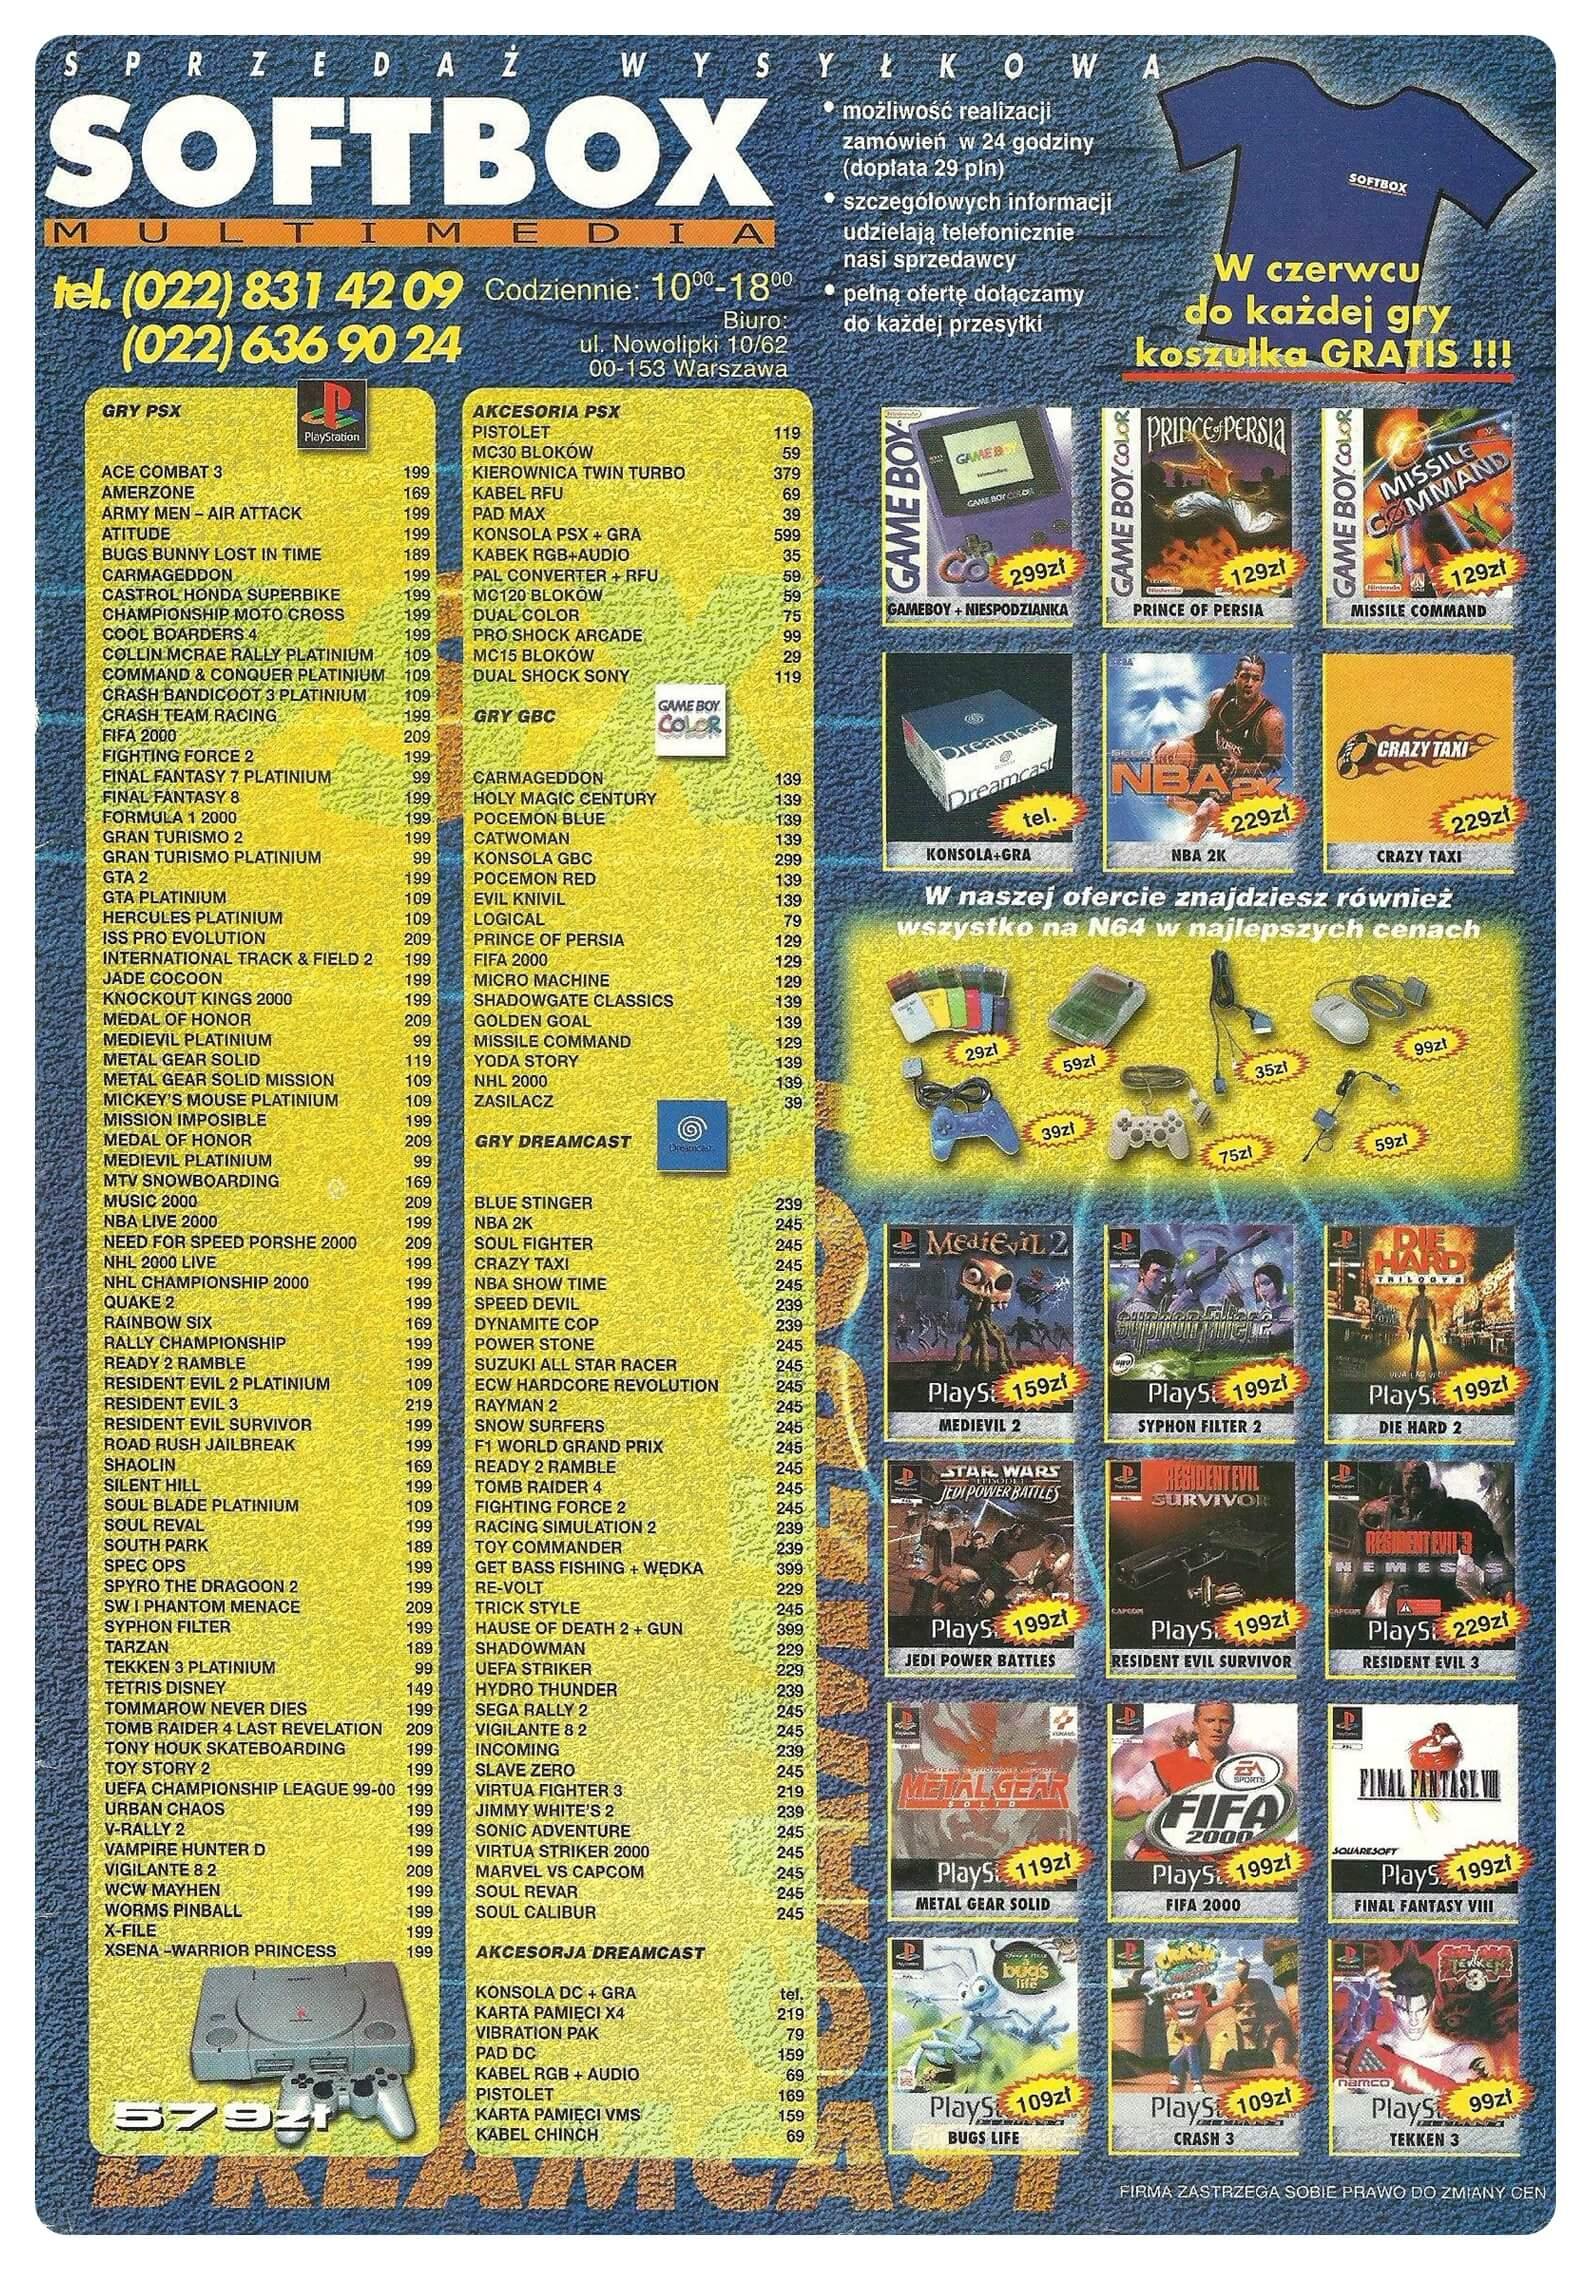 Neo Plus nr 022 20003q4 - Jak wyglądały ceny różnych konsol w Polsce w latach 1996-2006?